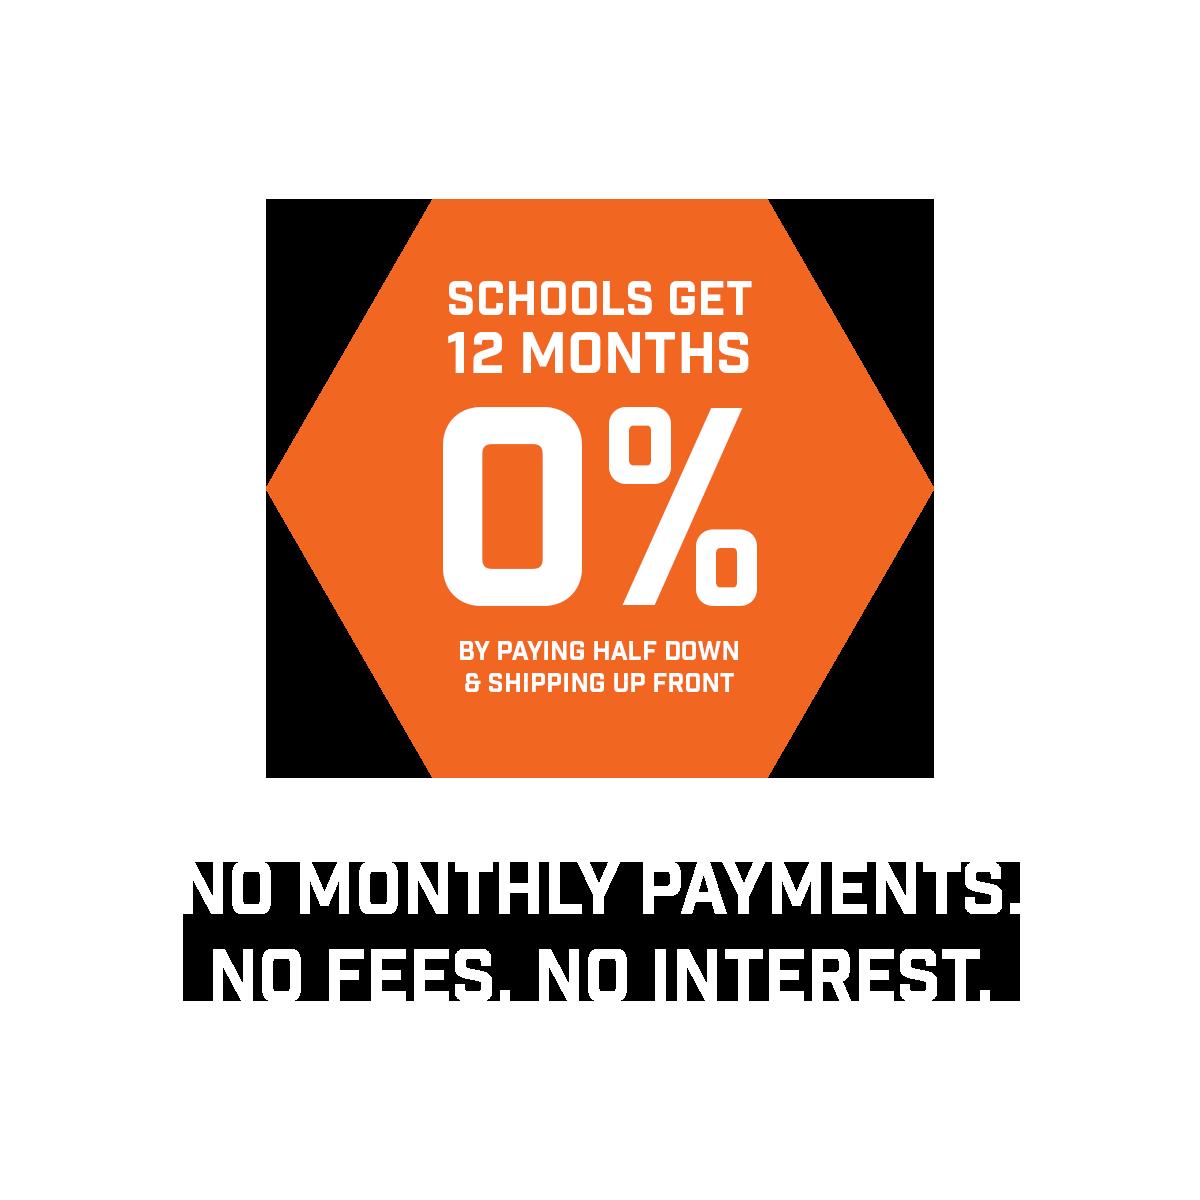 Financing for Schools